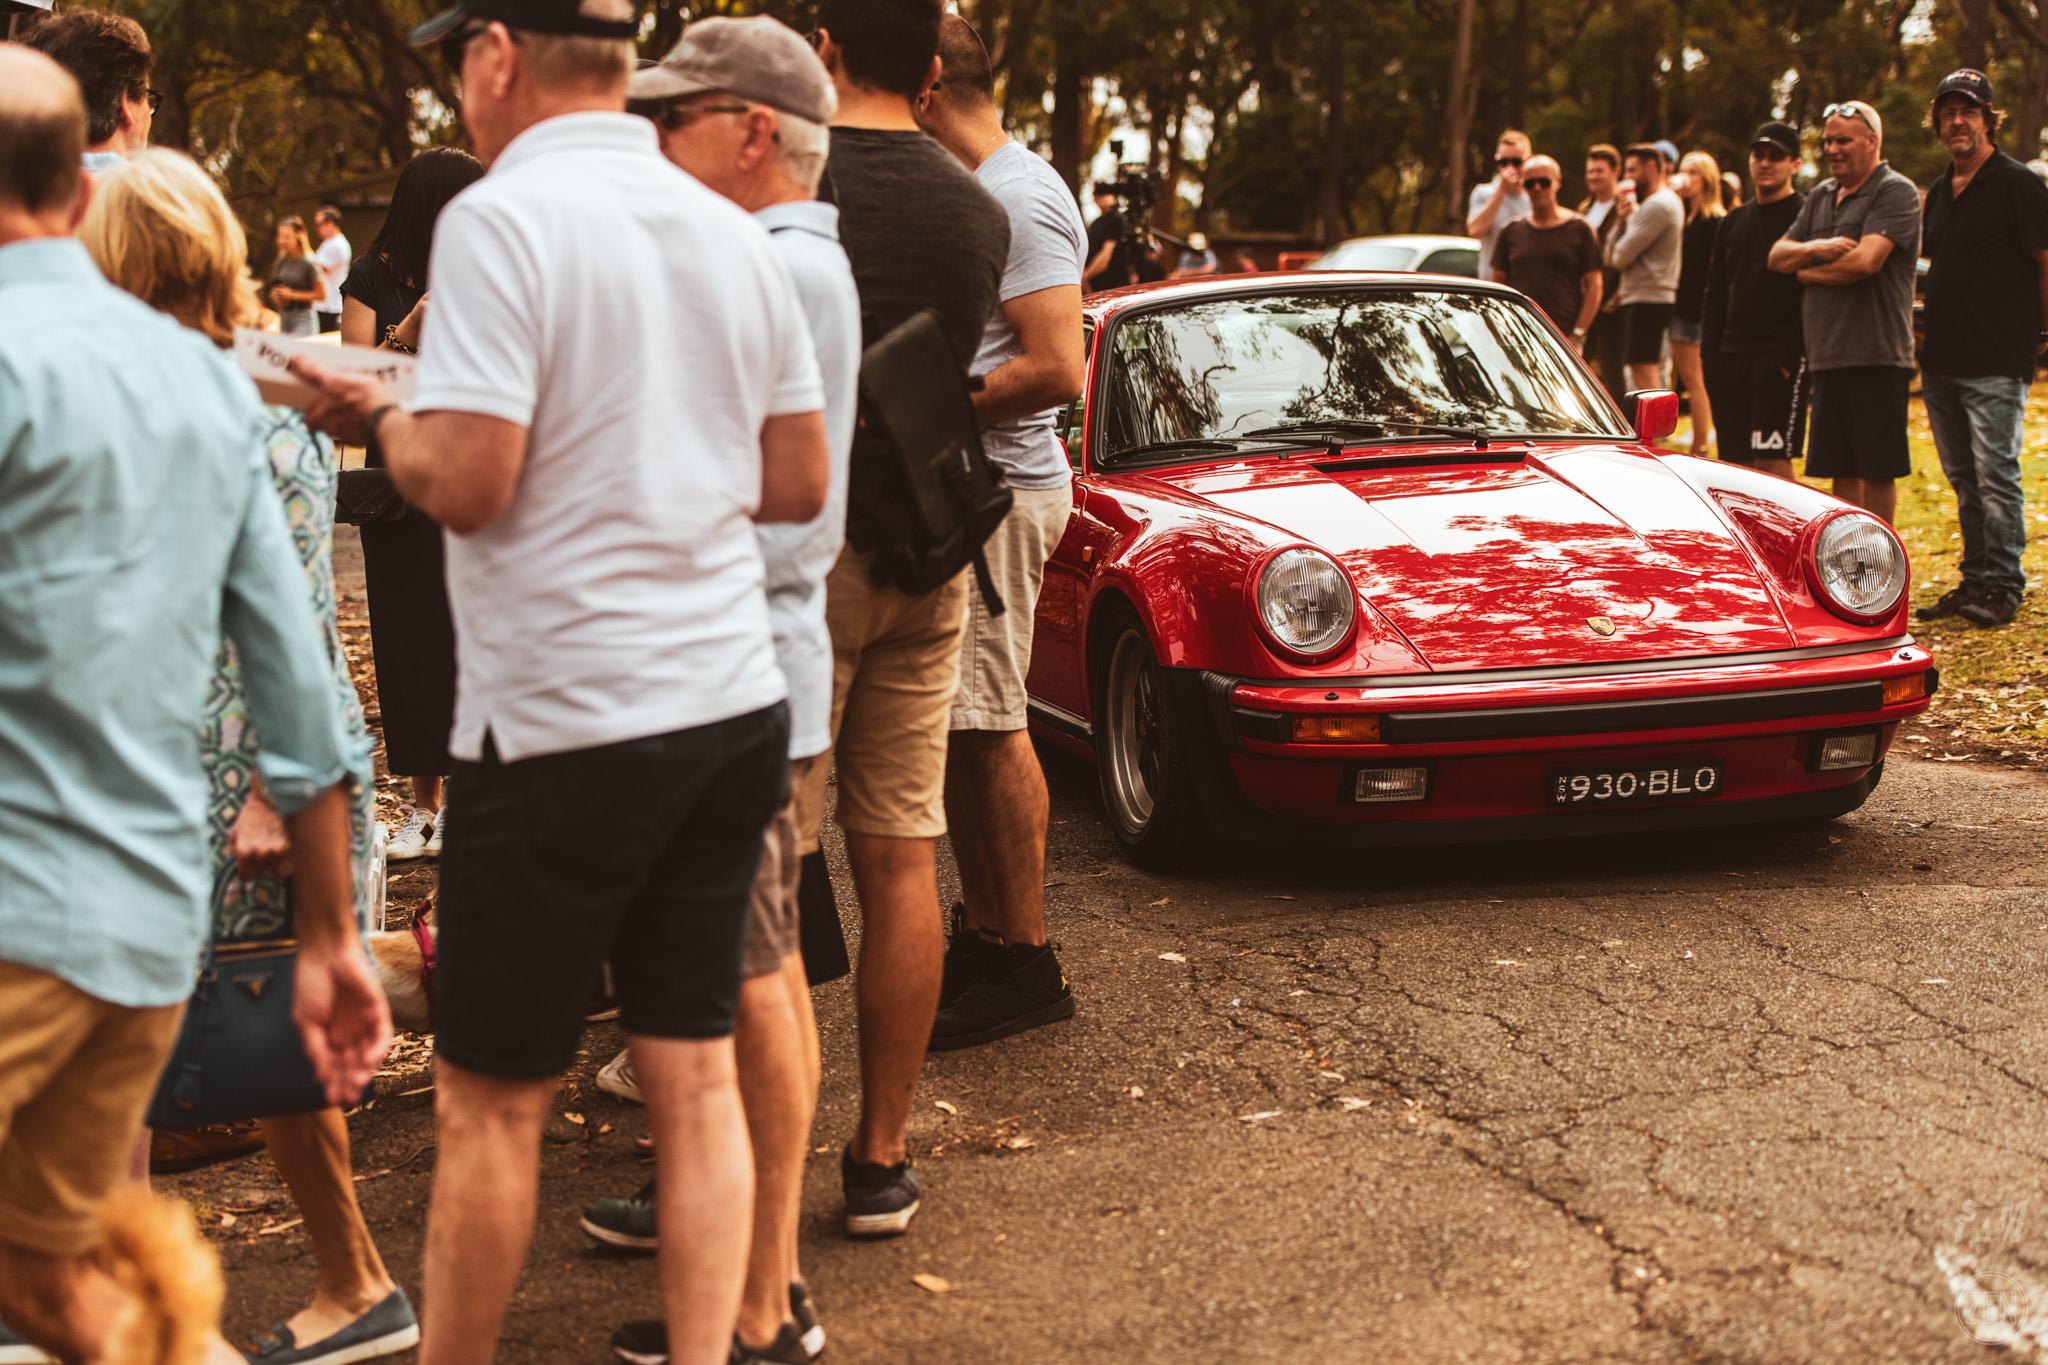 2019-12-08 - Porsches & Coffee 146